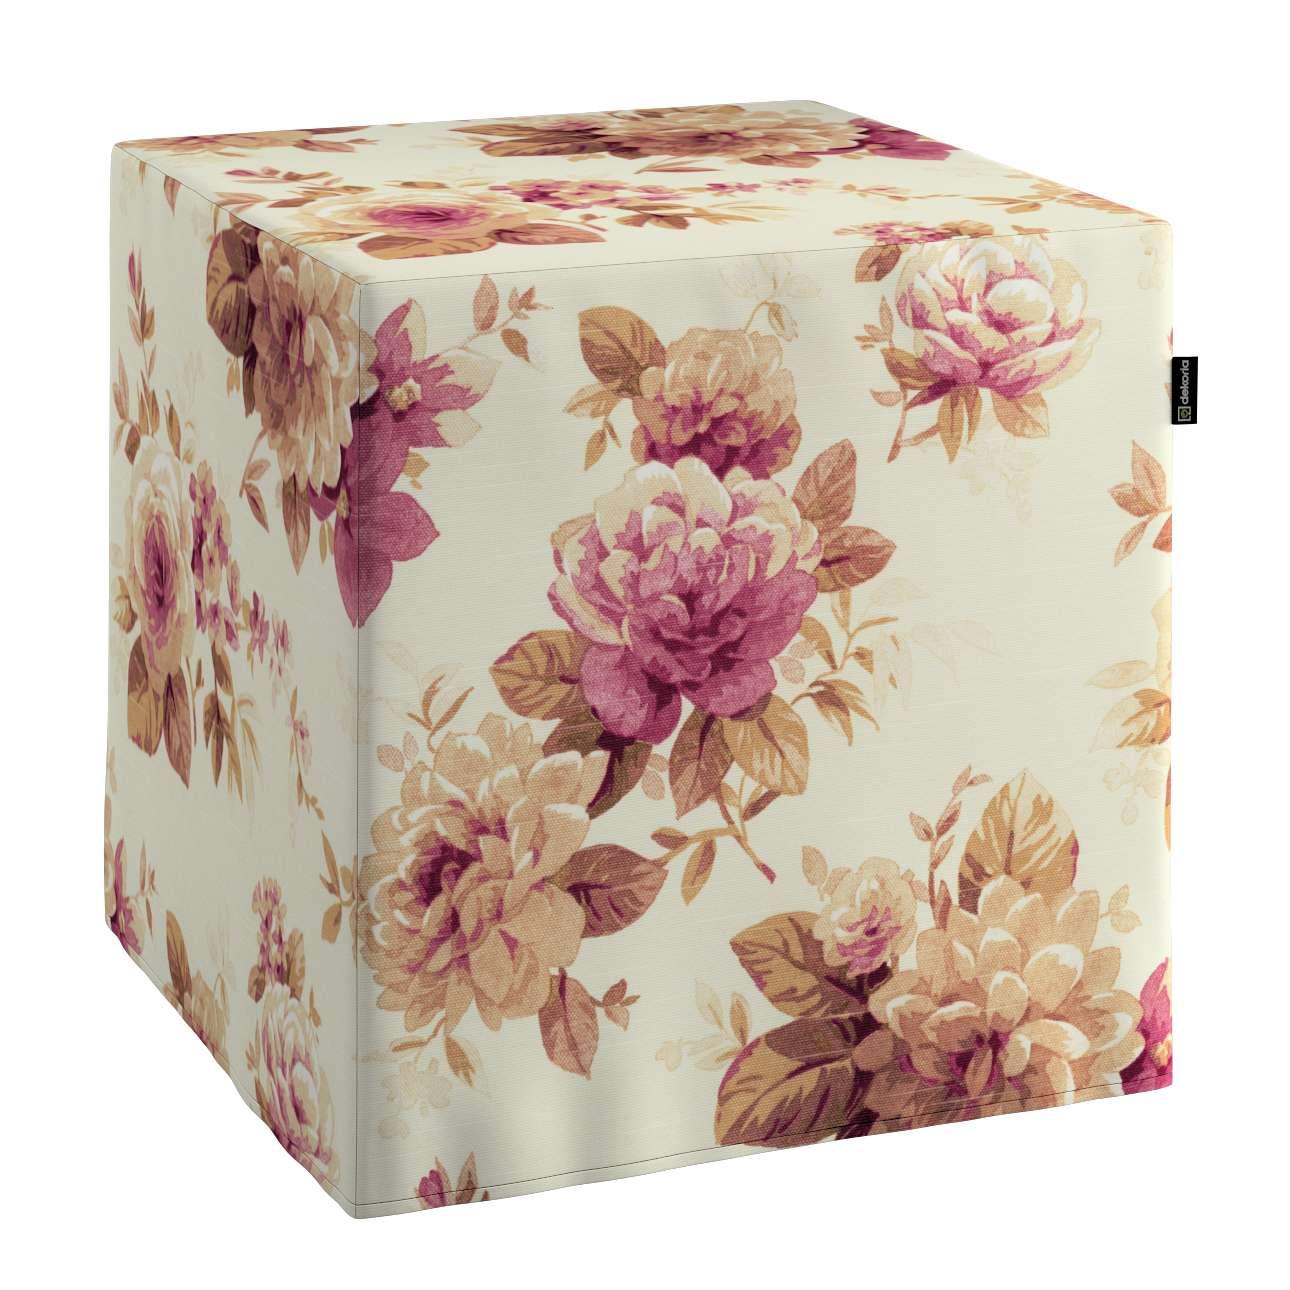 Taburetka tvrdá, kocka 40 × 40 × 40 cm V kolekcii Mirella, tkanina: 141-06